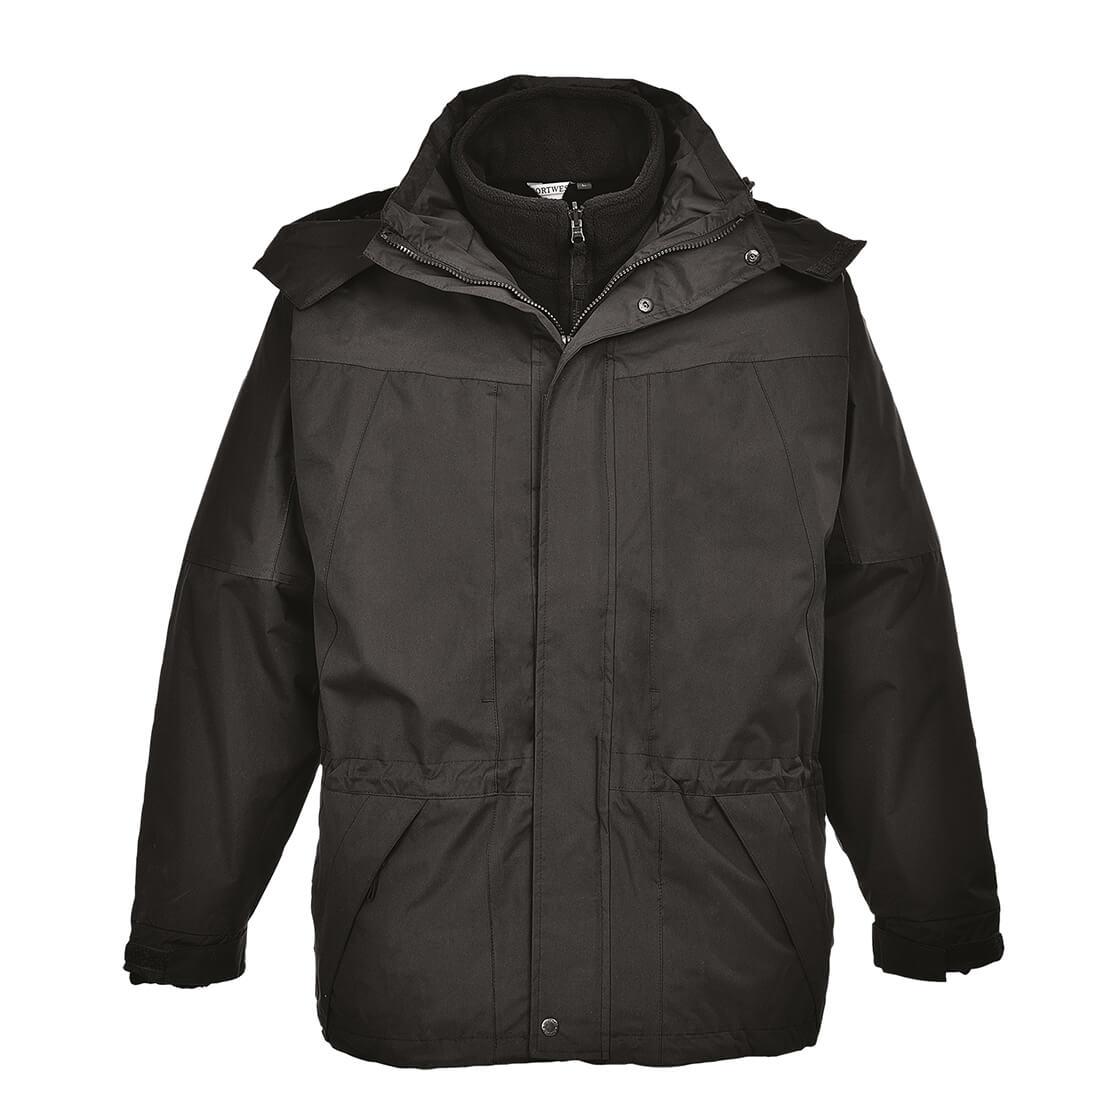 Image of Aviemore Mens 3-in-1 Waterproof Jacket Black 2XL